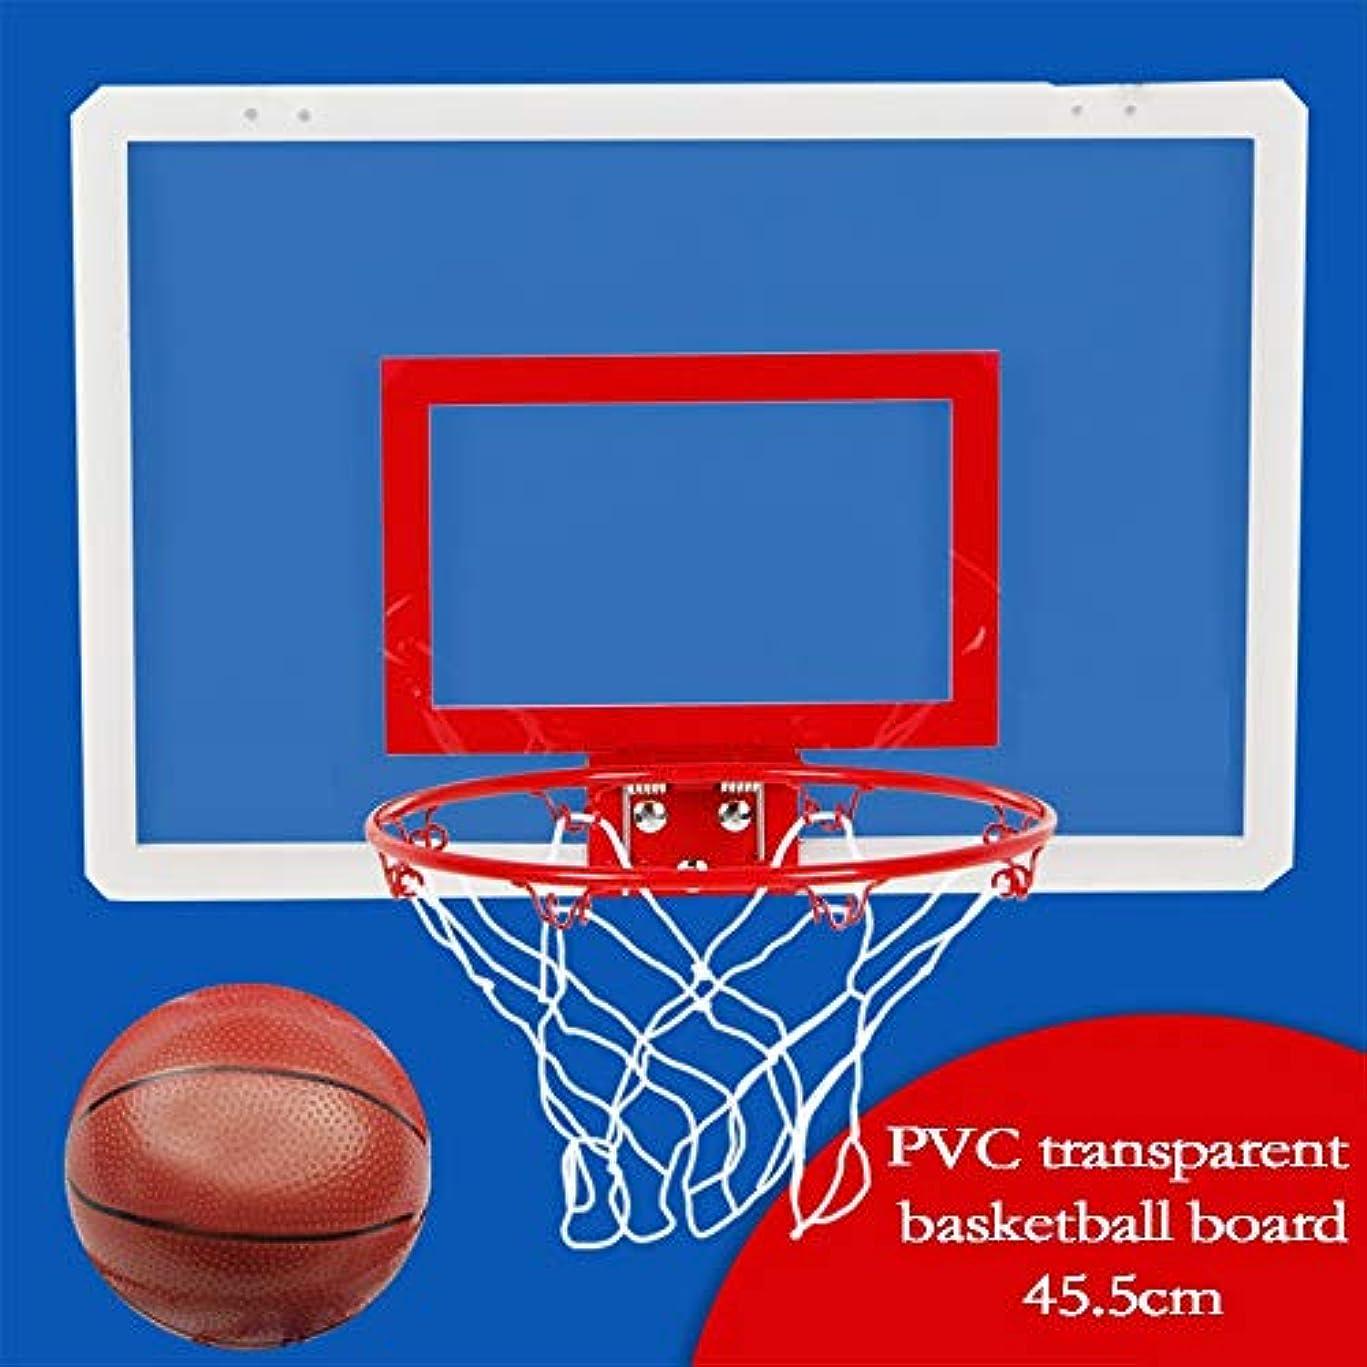 ストライプ有能なパラメータ子供用 ミニバスケットボール 昇降バスケットボールスタンドは、屋内と屋外の子供用玩具のための誕生日プレゼントのために使用されているウォールマウント 室内 屋外用 (色 : 赤, Size : One size)